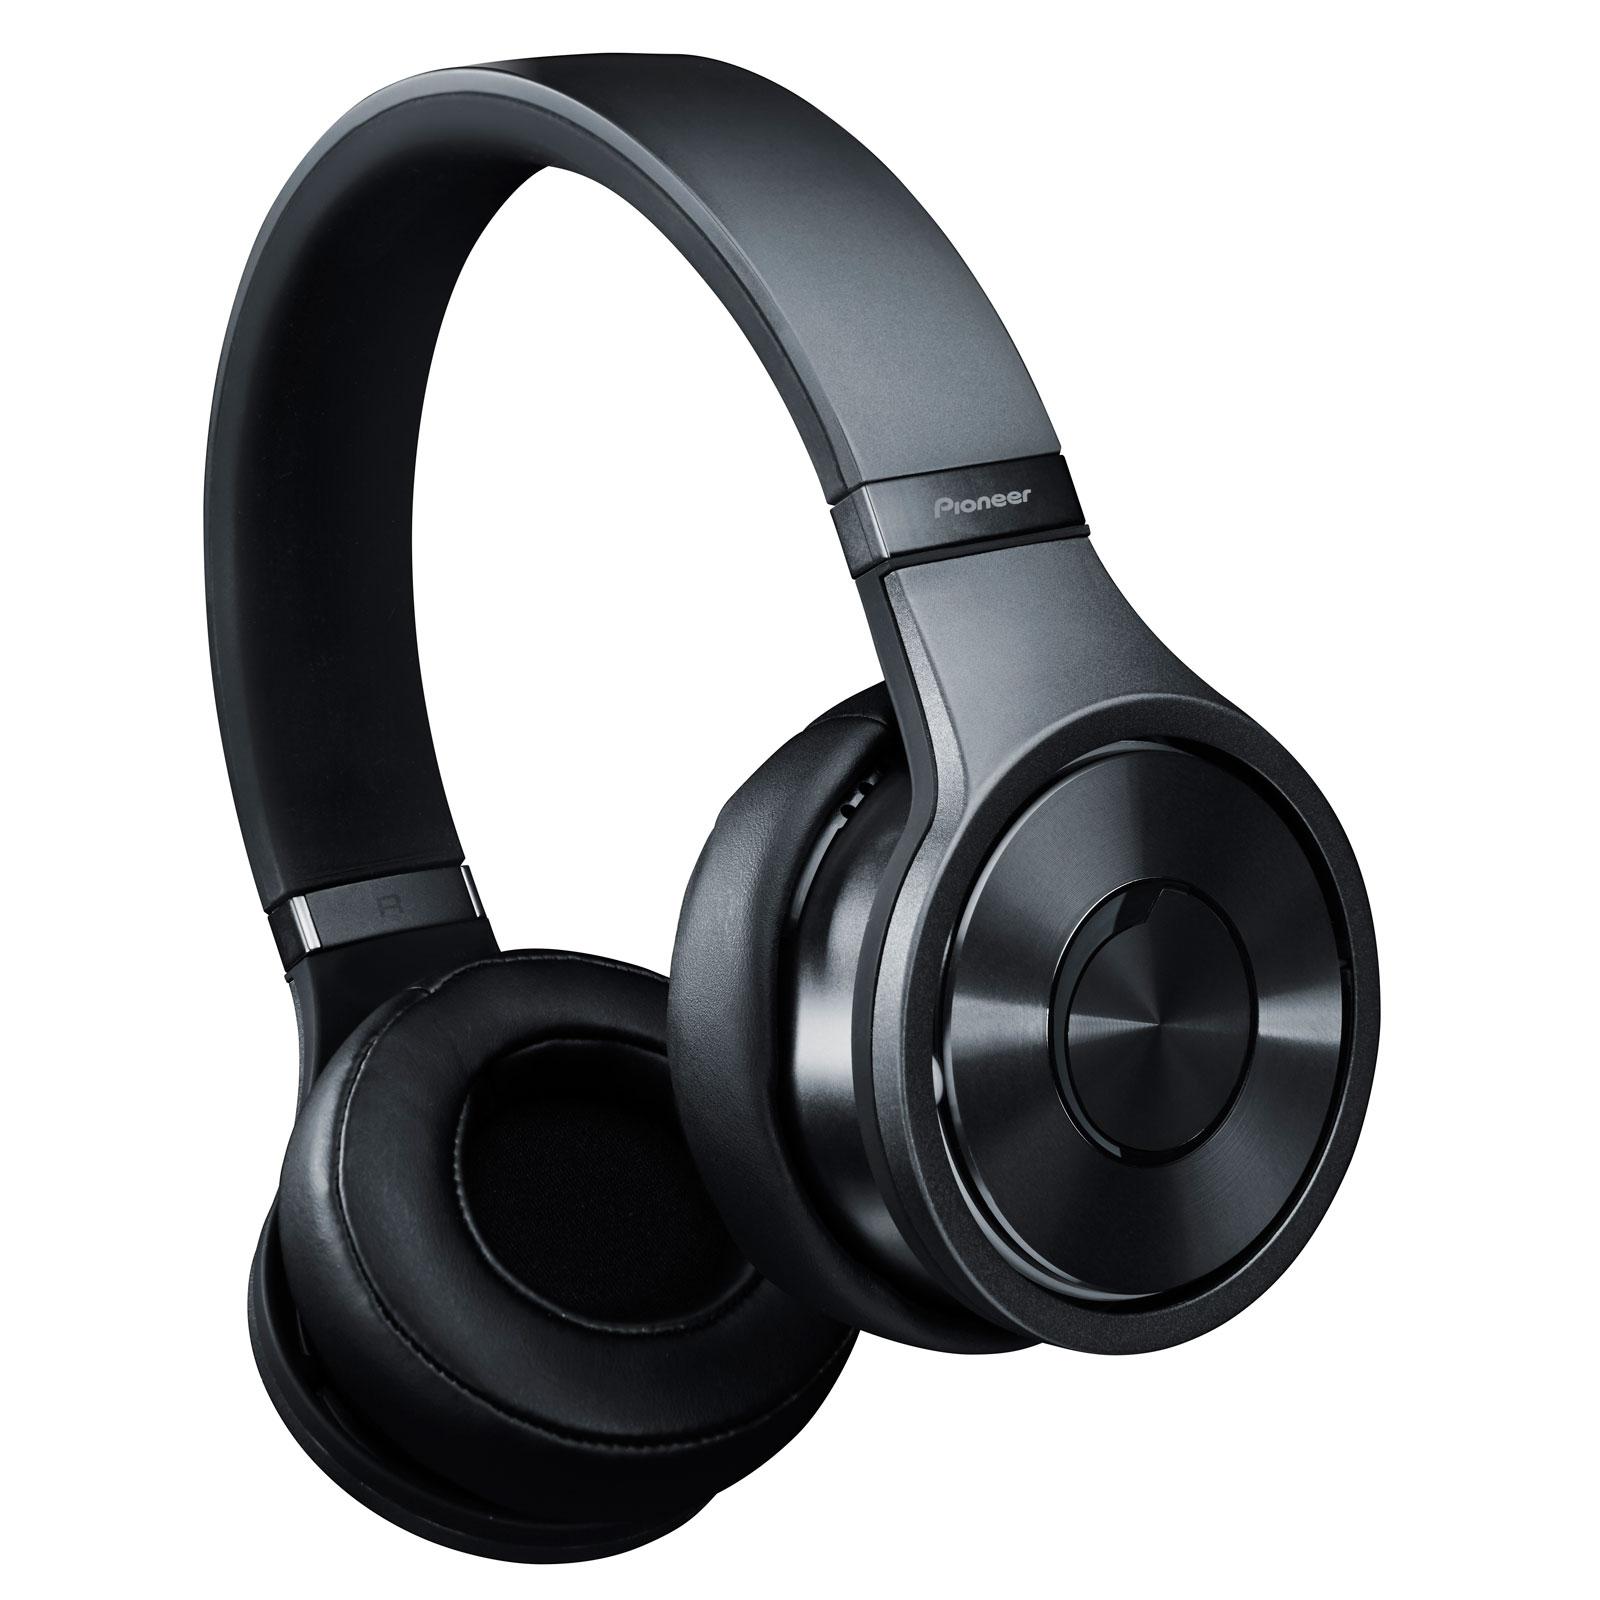 Casque Pioneer SE-MX9 Noir Casque Circum-auriculaire avec télécommande et microphone - Superior Club Sound